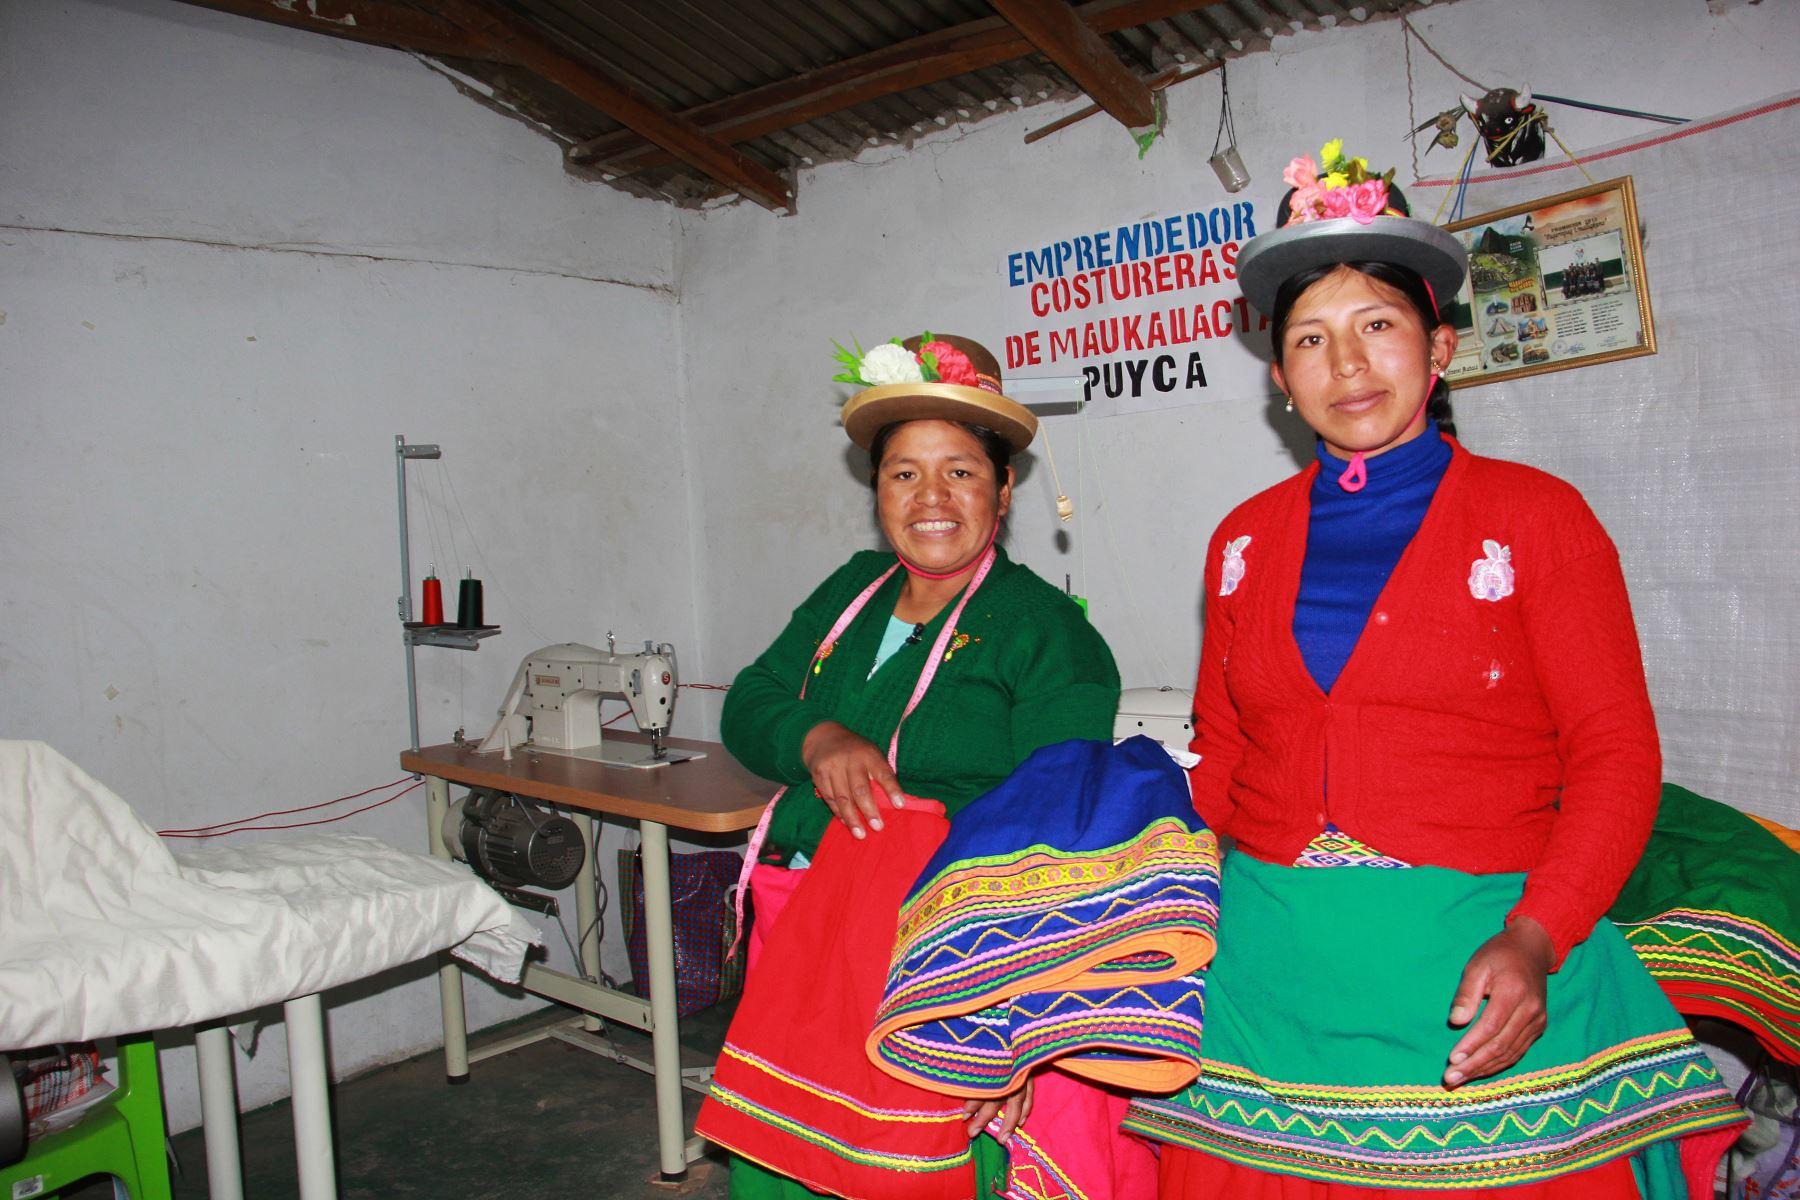 Las mujeres rurales cumplen un rol decisivo en el crecimiento económico rural y la reducción de la pobreza. Foto: ANDINA/Difusión